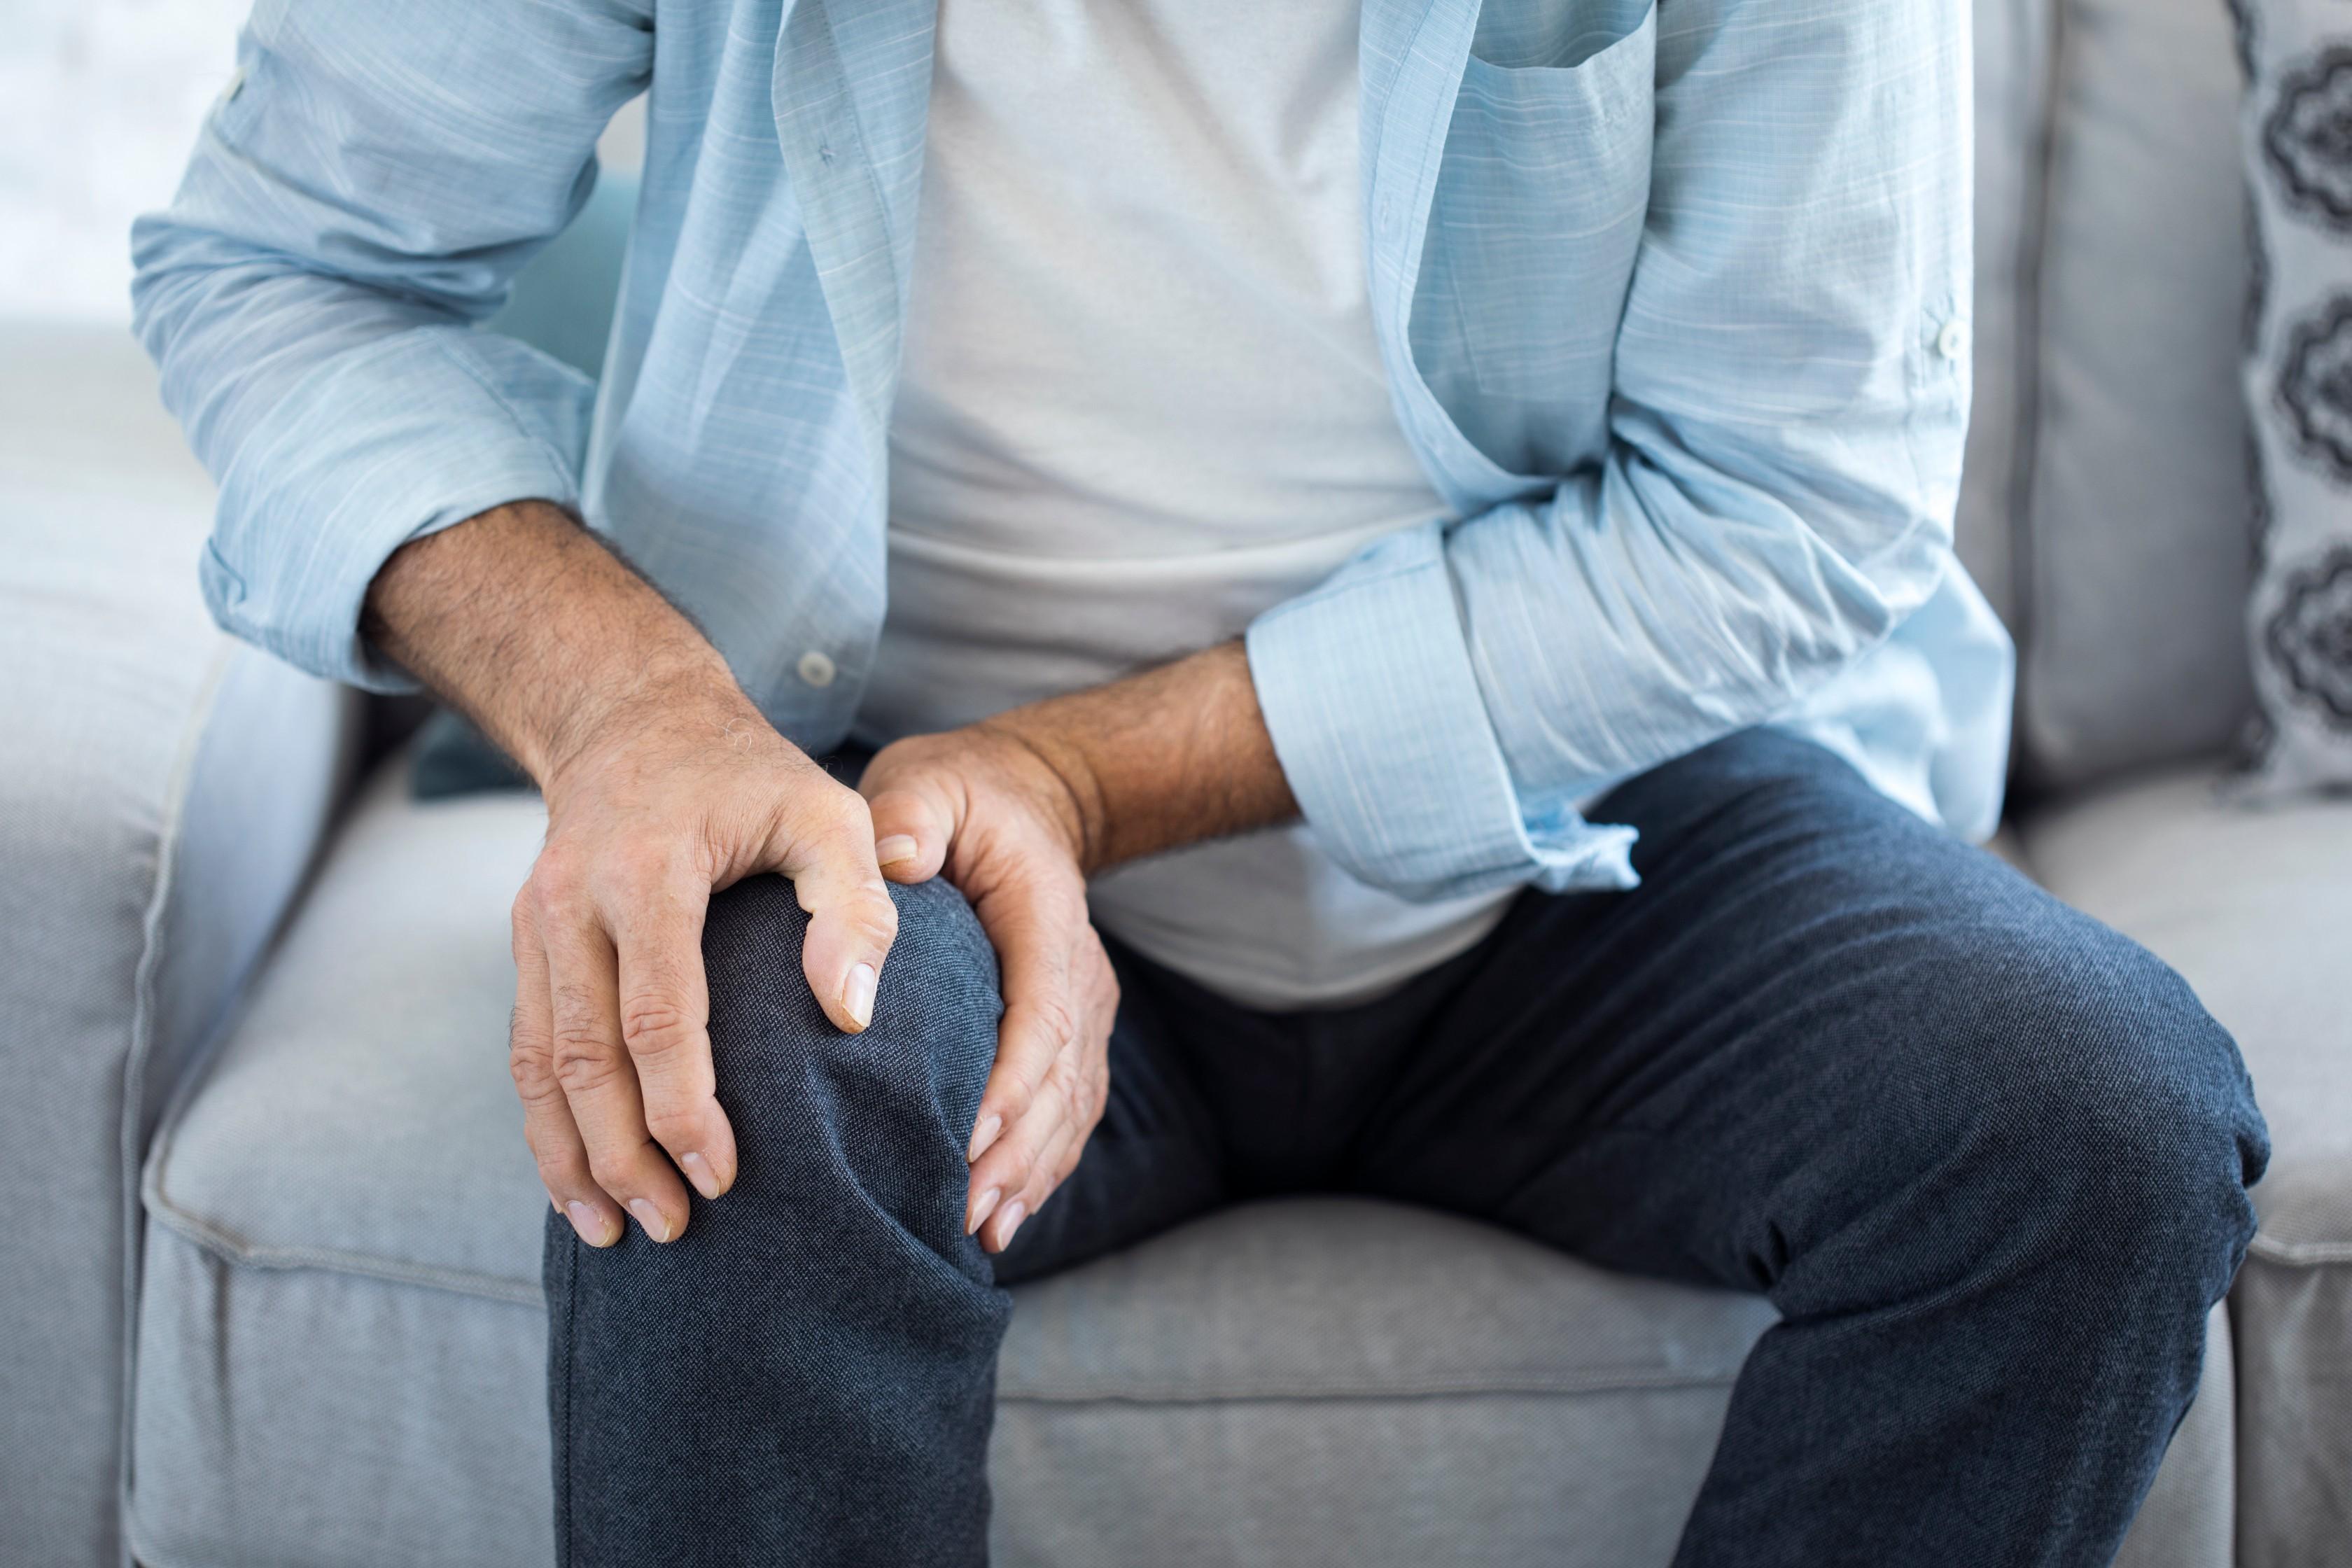 melyik orvosnak kell kezelnie ízületi fájdalmat a jobb csípőízület ízületi gyulladása